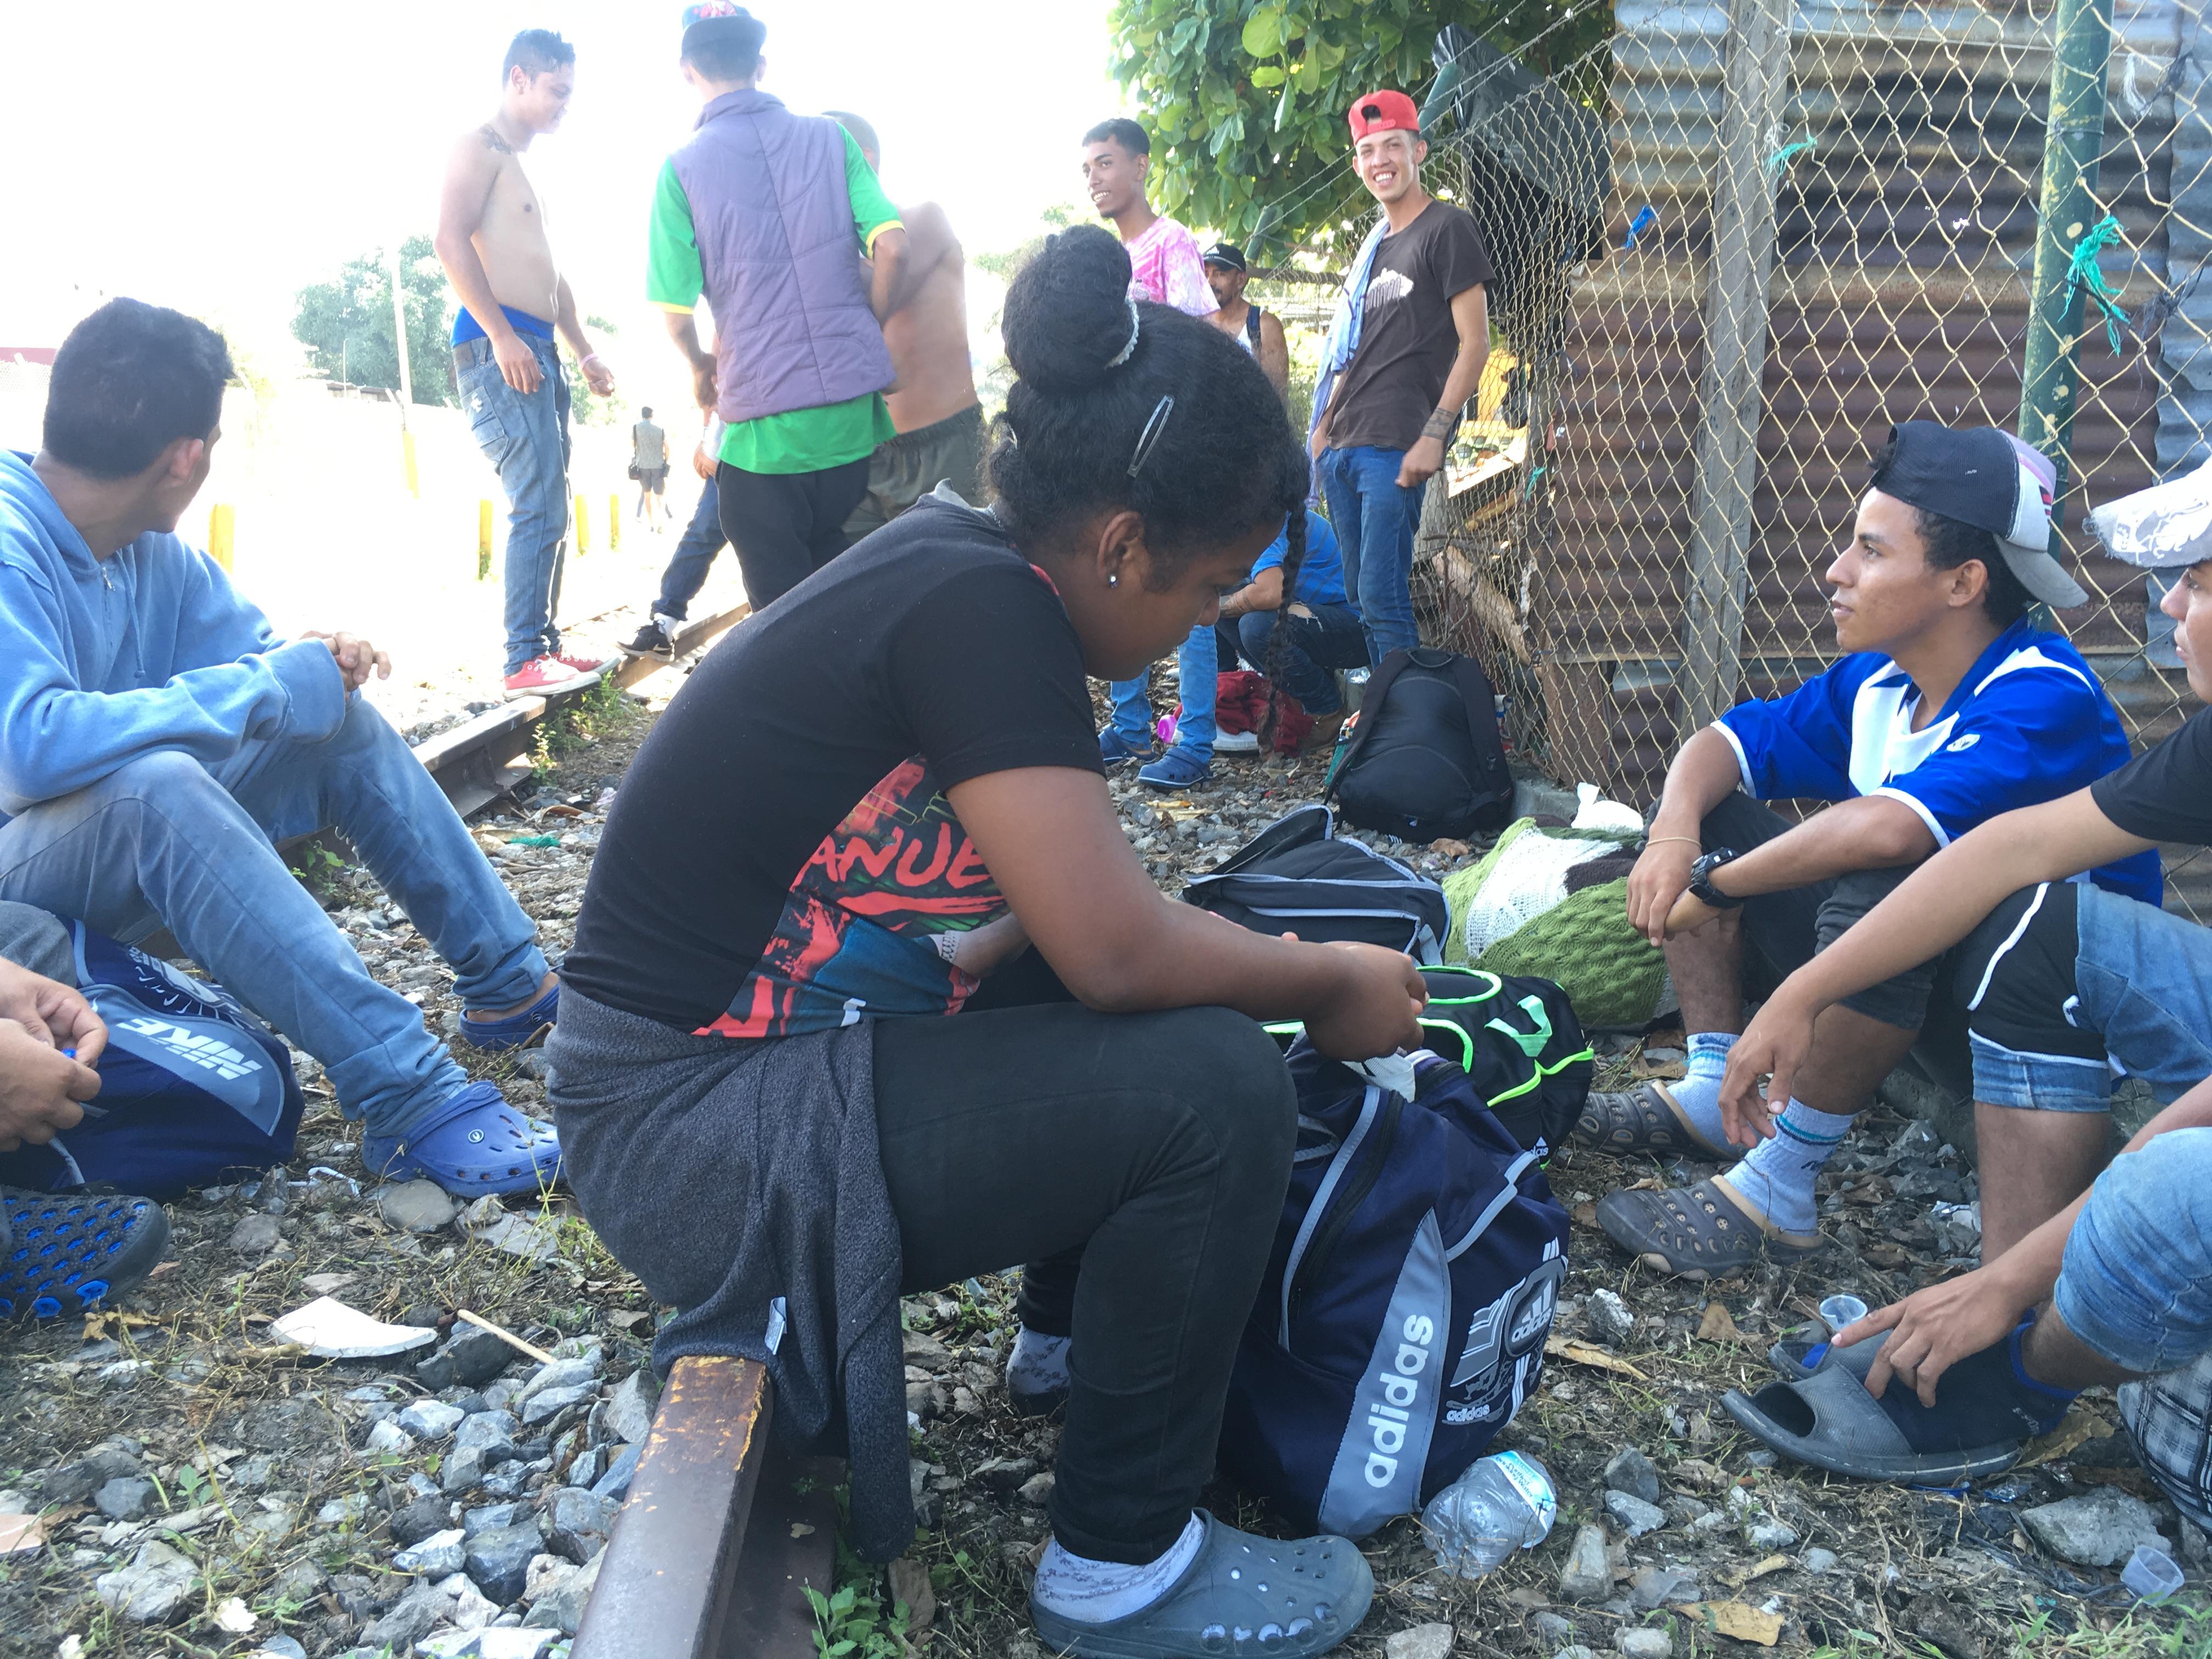 Una mujer es acompañada por un grupo de jóvenes durante la caravana, ninguna mujer más la acompaña. Uno de ellos dice que ella es su novia. Foto: Lucía Reinoso.